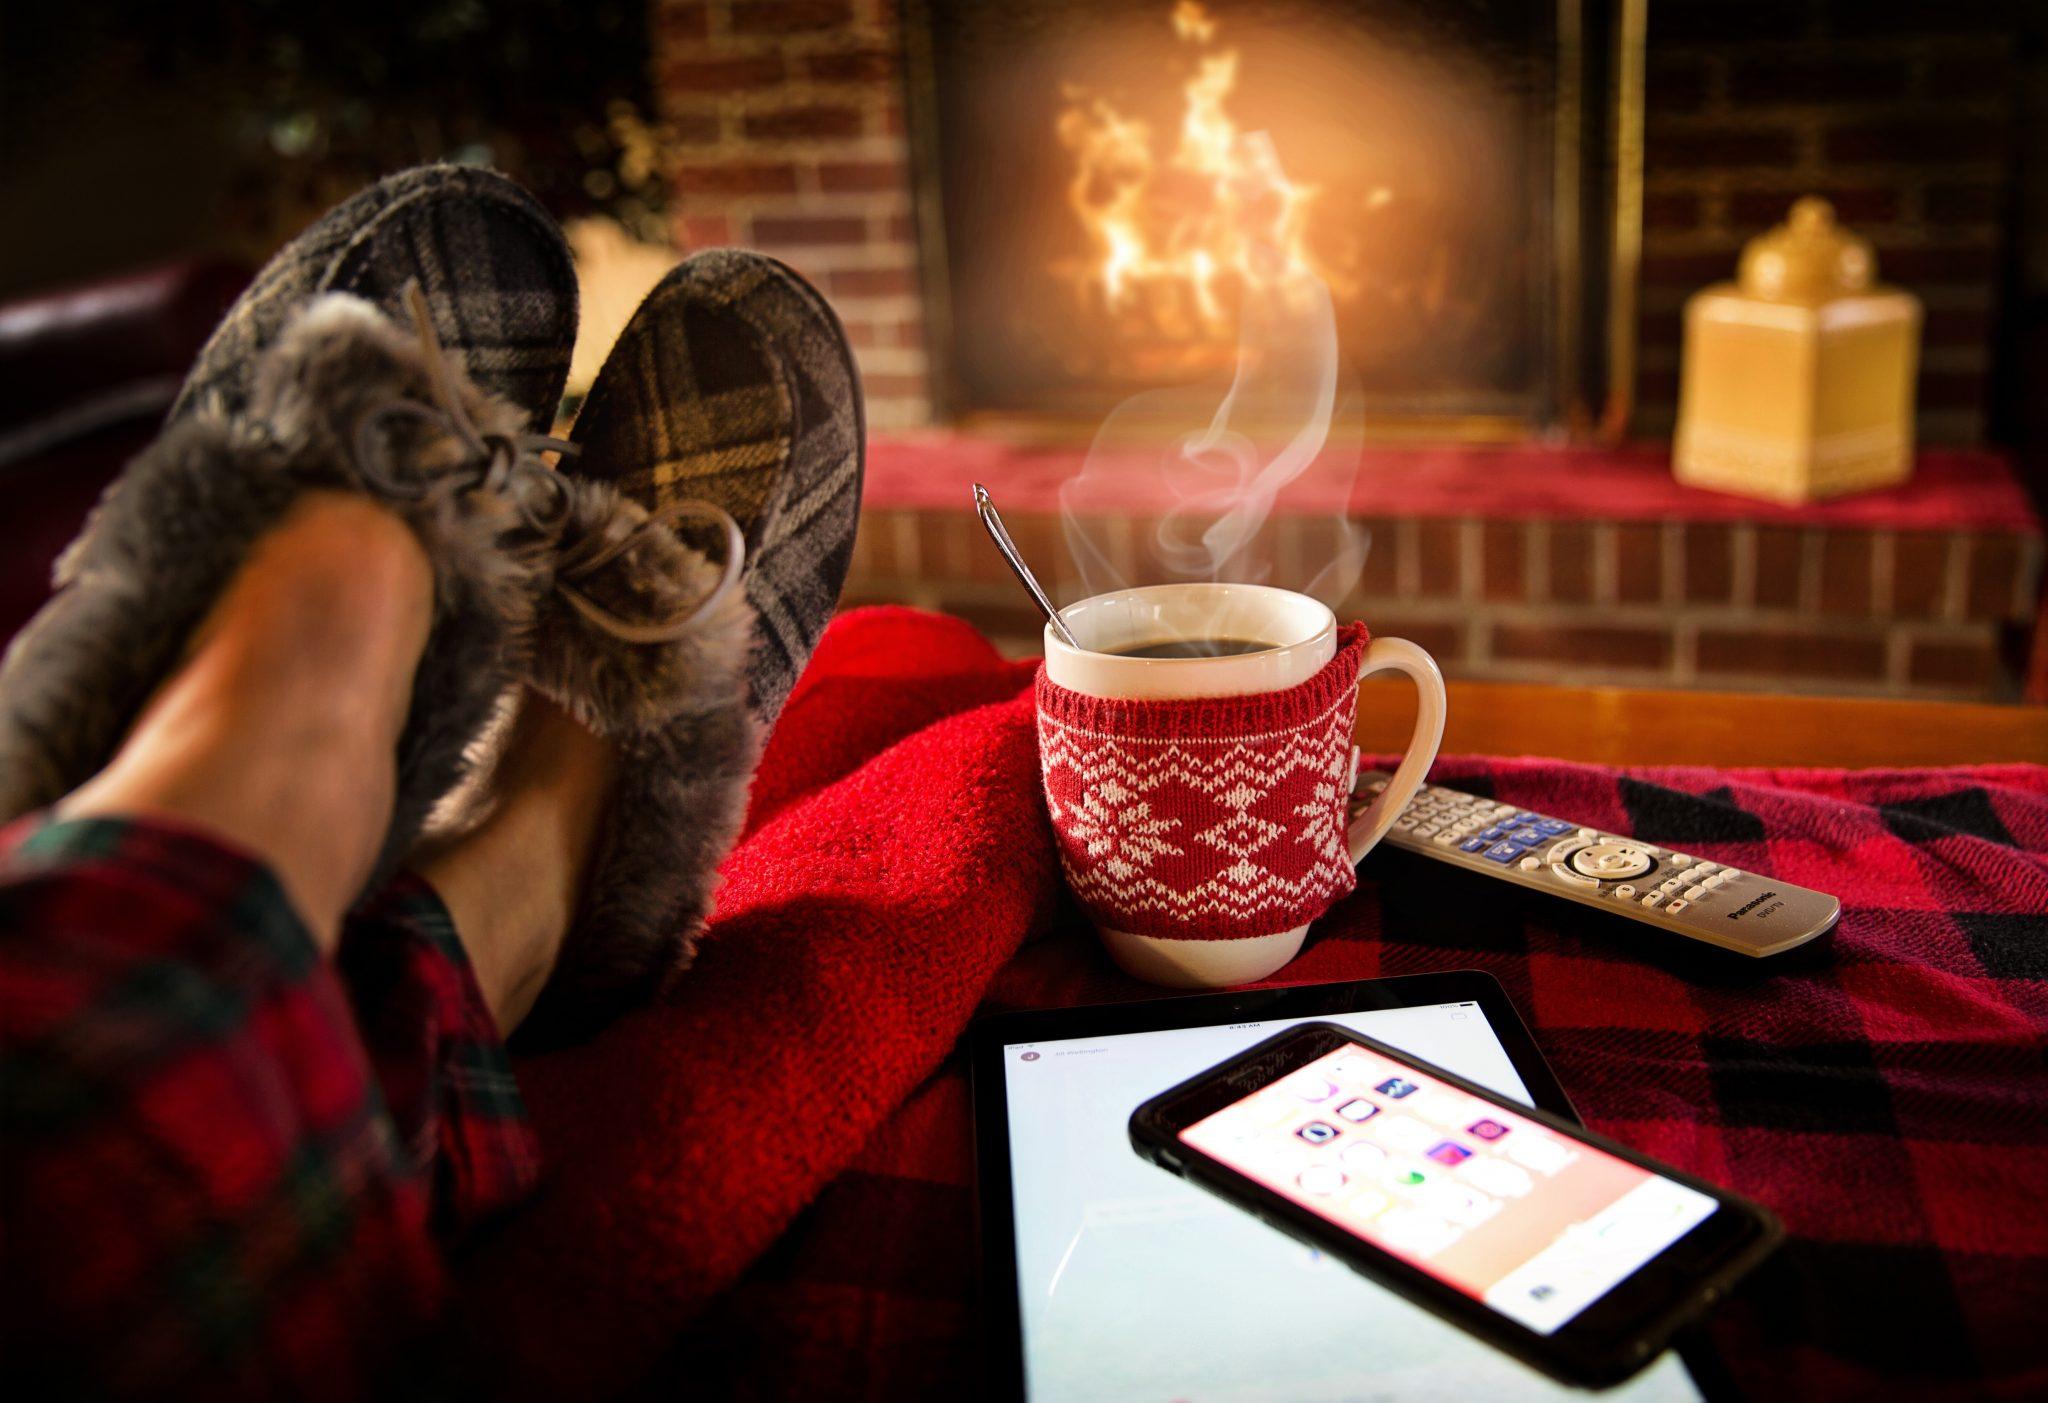 Tihna zilelor de sărbătoare nici nu ar fi completă dacă din meniu nu ar face parte și o serie de filme de Crăciun.